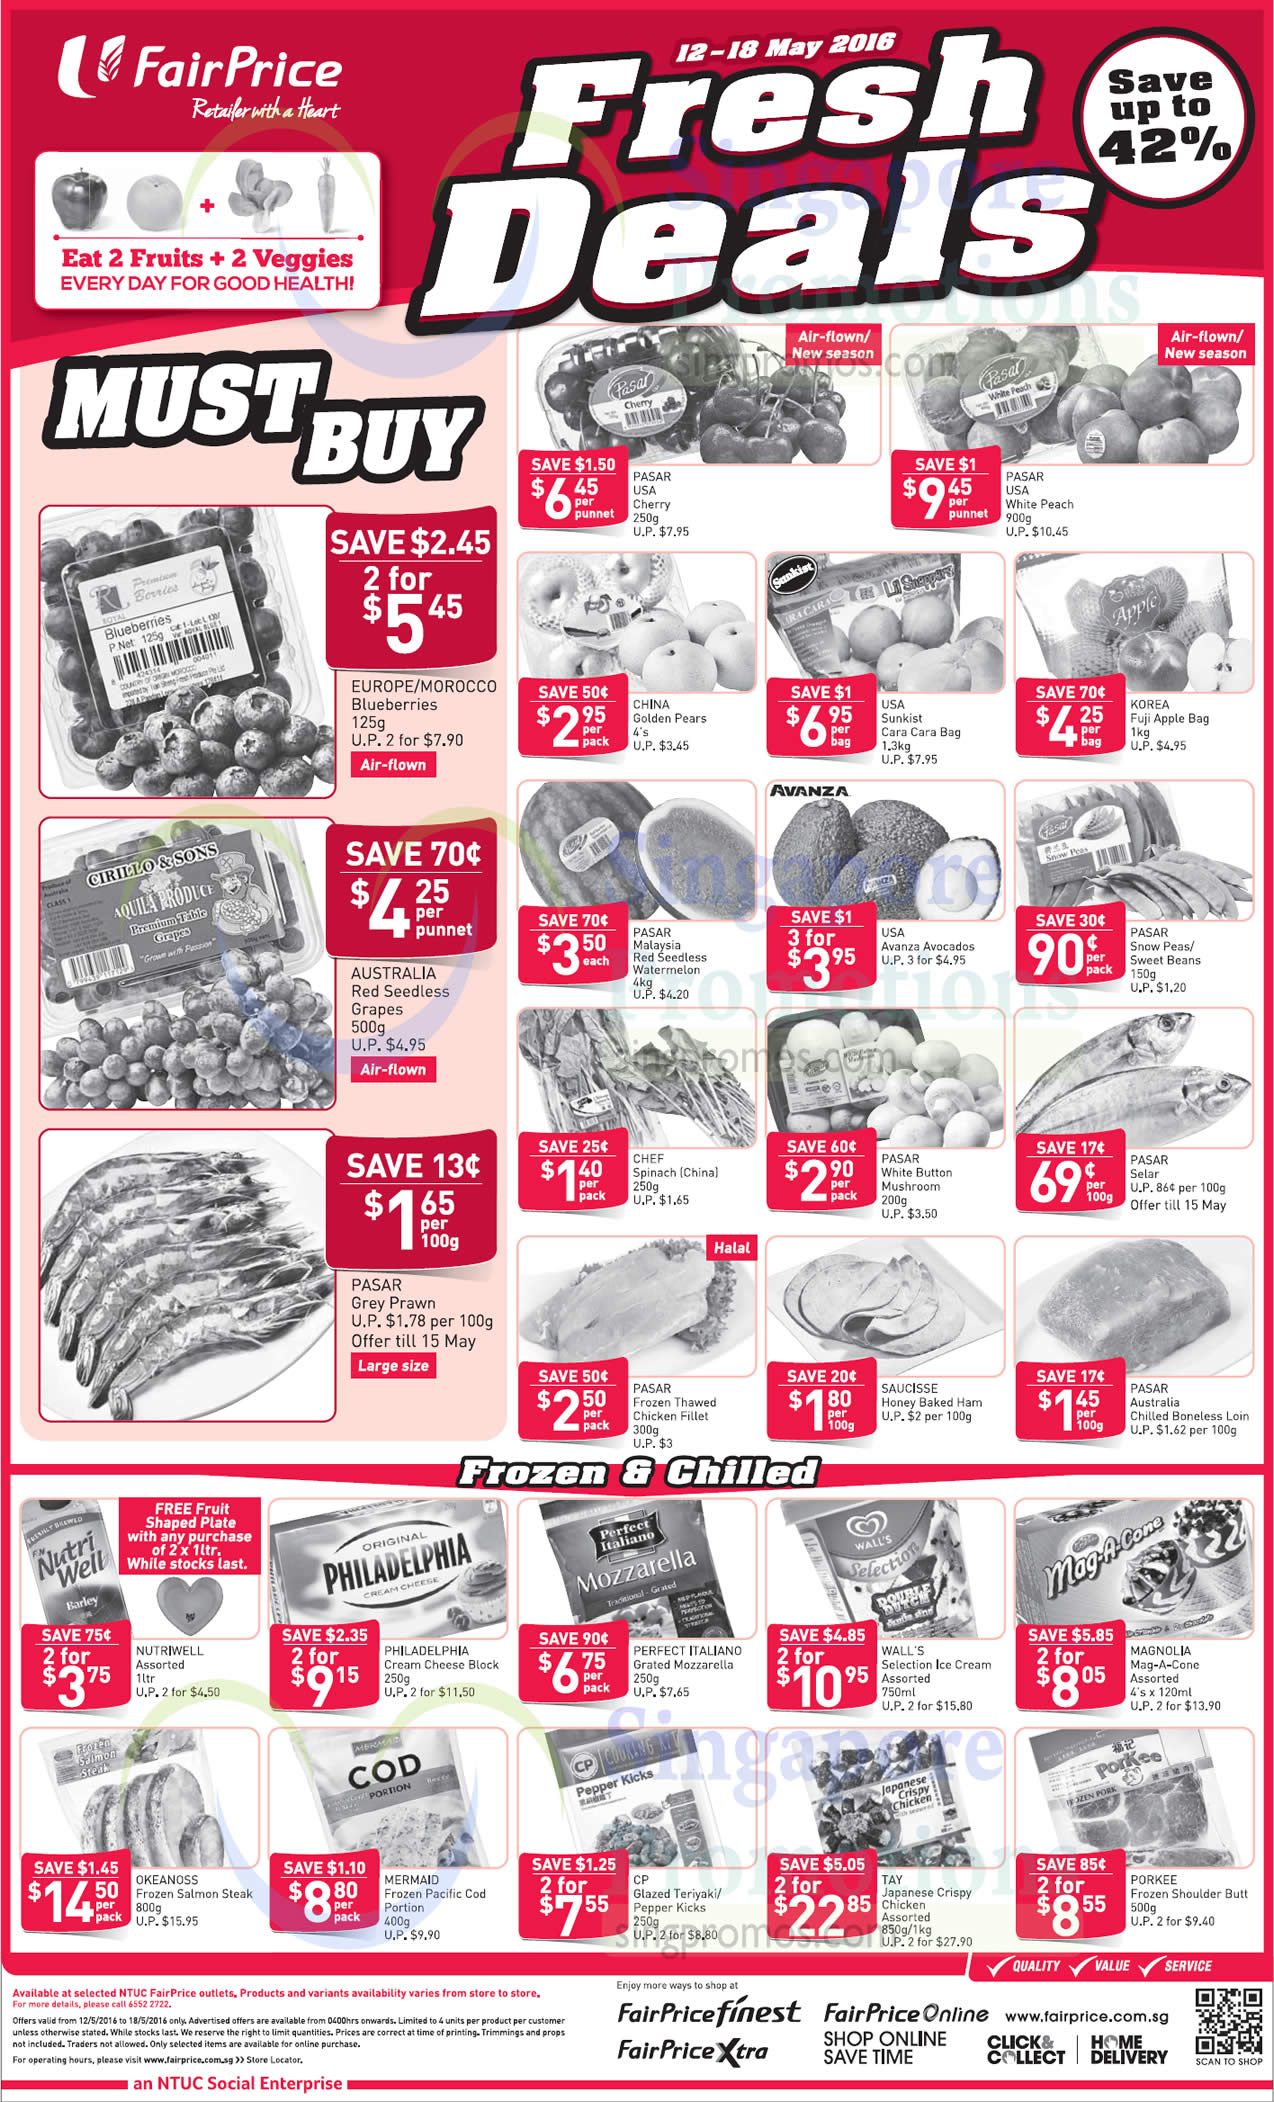 Fresh Deals, USA CHerry, White Peach, Blueberries, Avocado, Walls Ice Cream, Mag-A-Cone